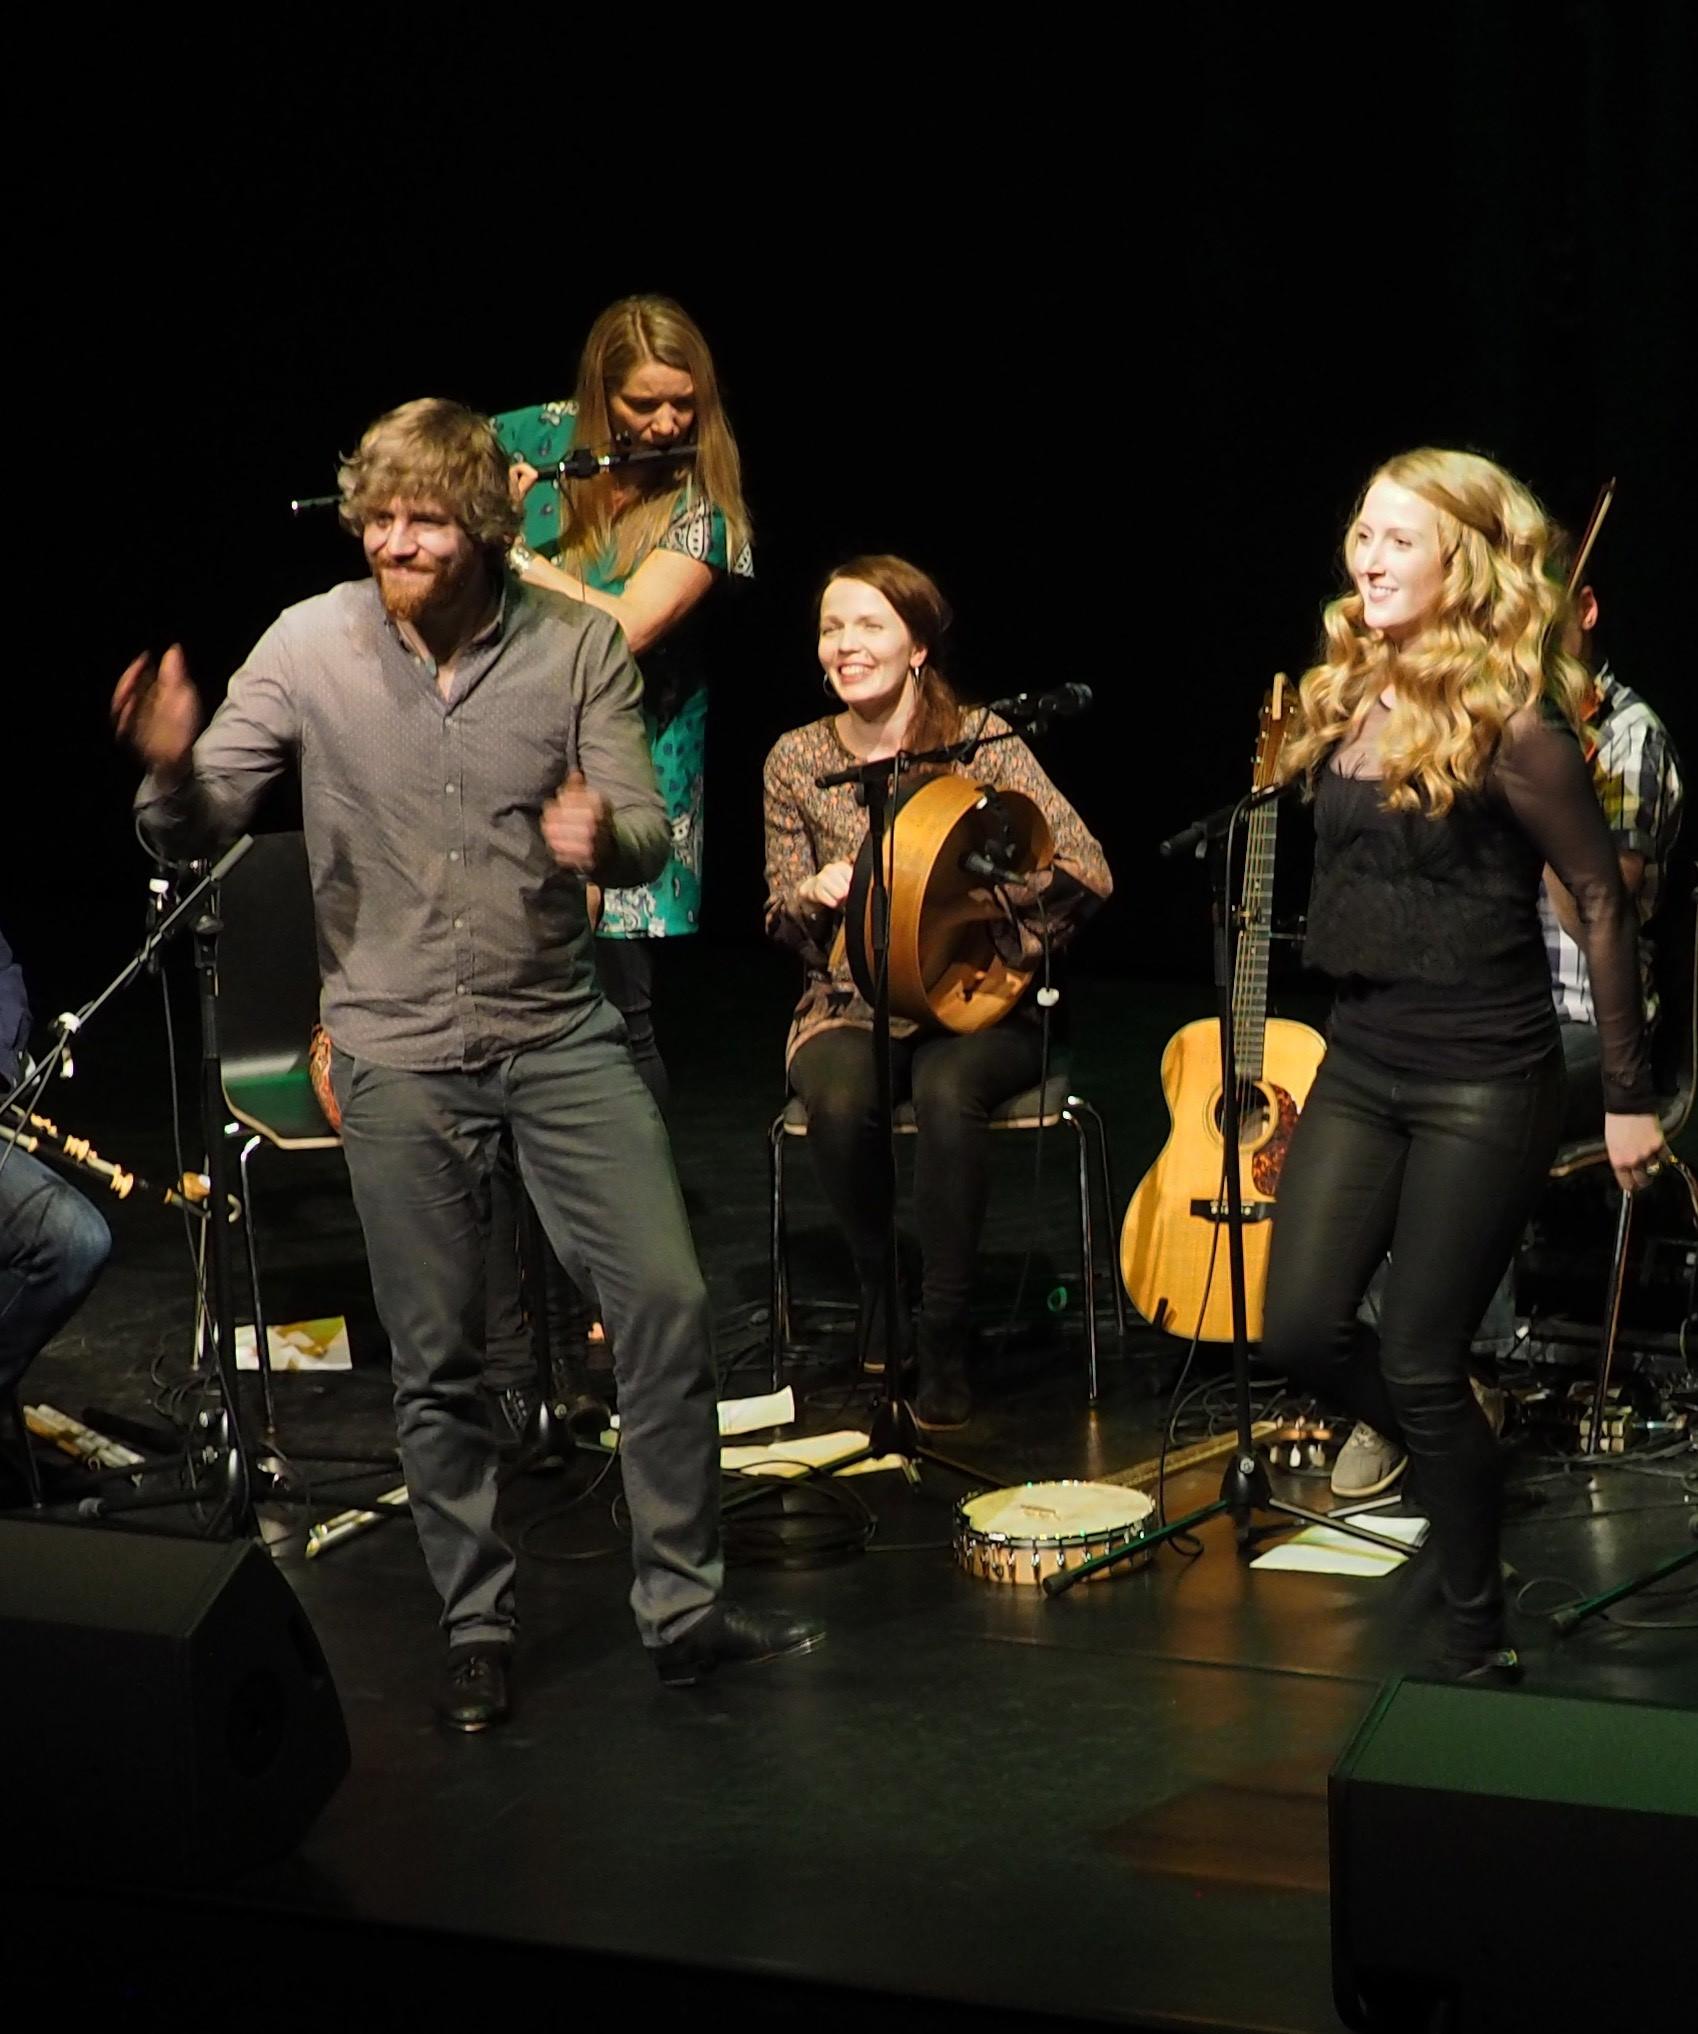 Eala-yhtye esiintyy irlantilaisten muusikkovieraiden kanssa Kangasala-talossa Kangasala Irish Festivalilla. Kuva: Harri Mäkipää.